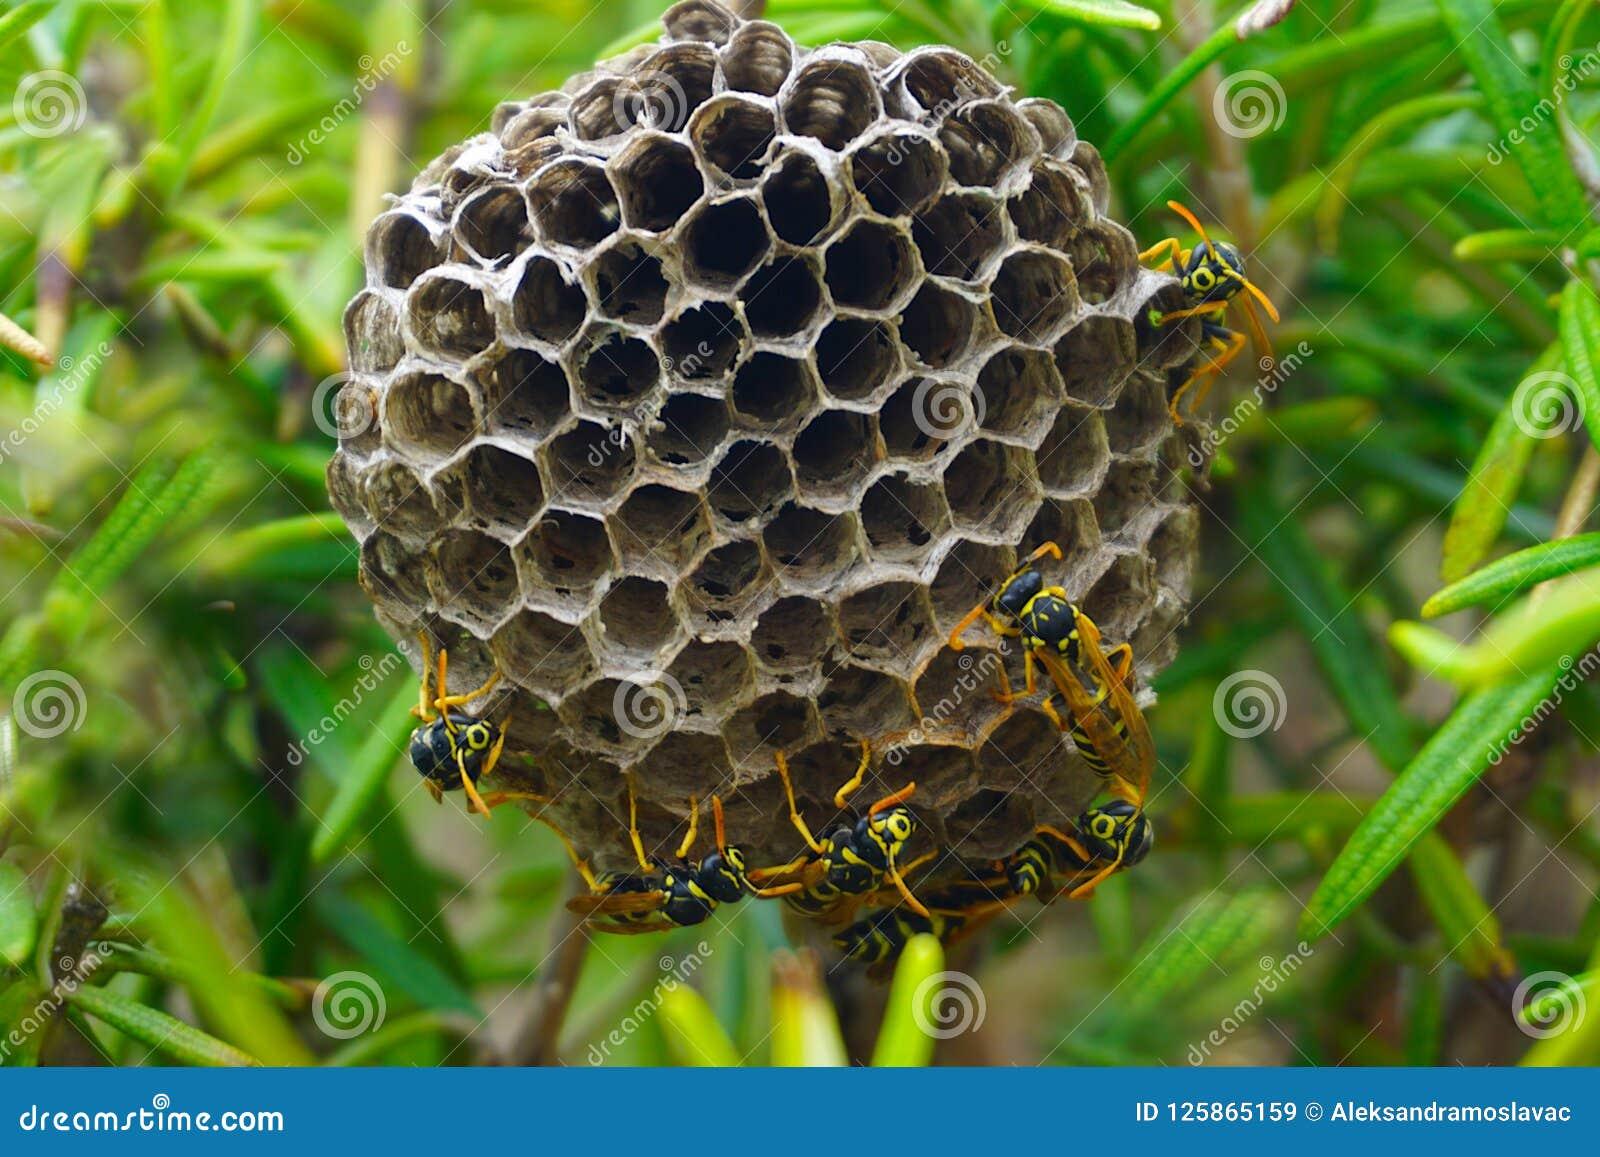 Vespiary of kolonie van sociale wespen op Mediterrane struik van rozemarijn